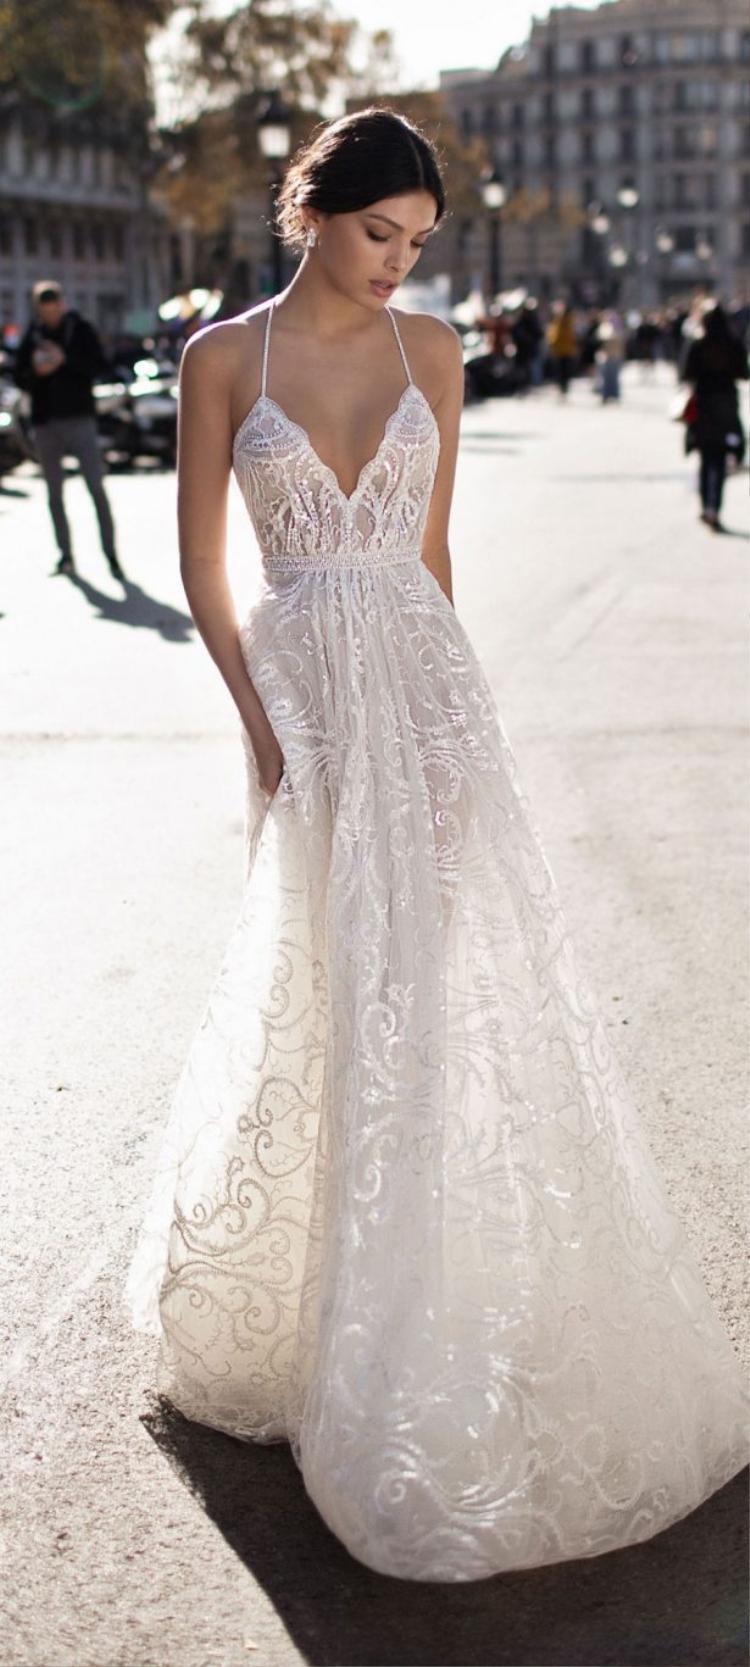 Vậy Song Hye Hyo có thể thử chọn mẫu váy của nhà mốt Gali Karten trong bộ sưu tập mới nhất. Thiết kế với phần tùng váy xòe nhẹ, đính kết pha lê tạo họa tiết cong mềm mại nữ tính, đặc biệt, phần cúp ngực hai dây quyến rũ sẽ là một điểm cộng khác biệt trong ngày trọng đại.